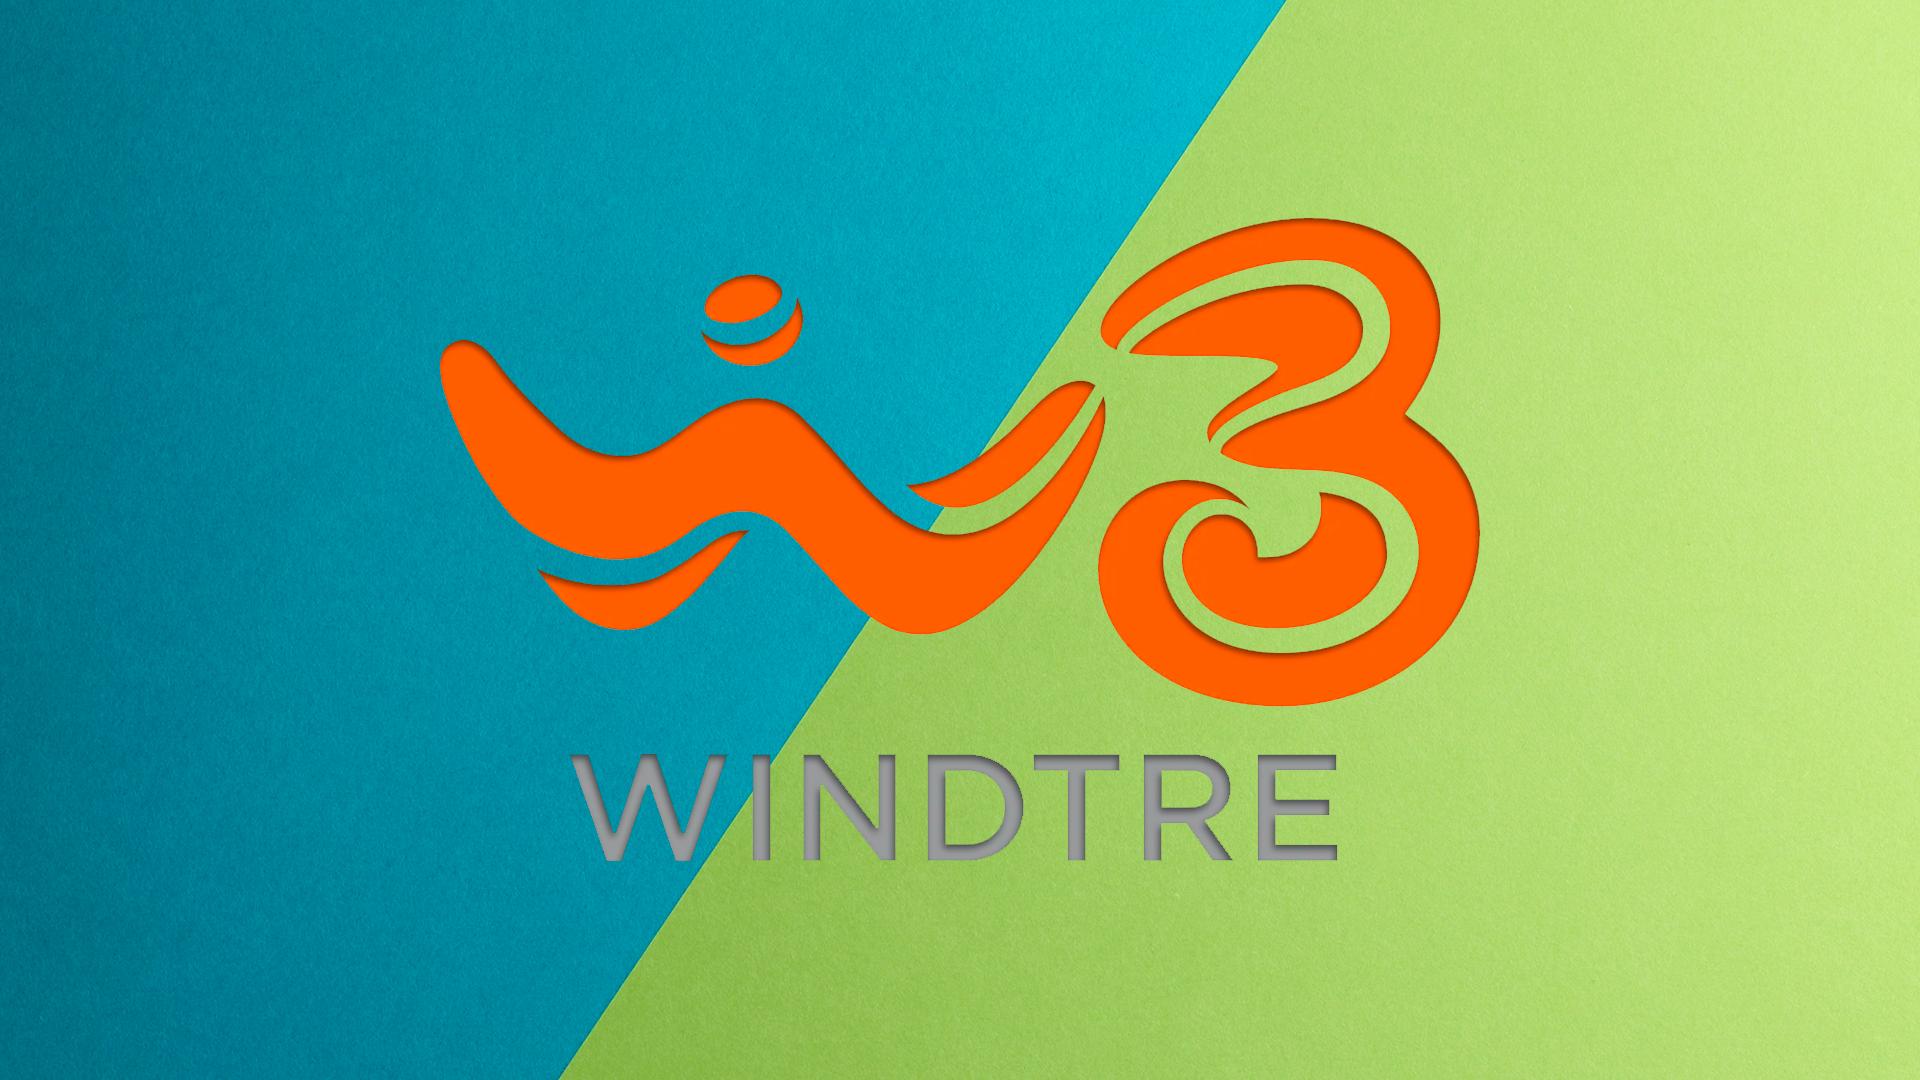 WindTre: a novembre inizia nuova migrazione per alcuni clienti ex brand 3 Italia